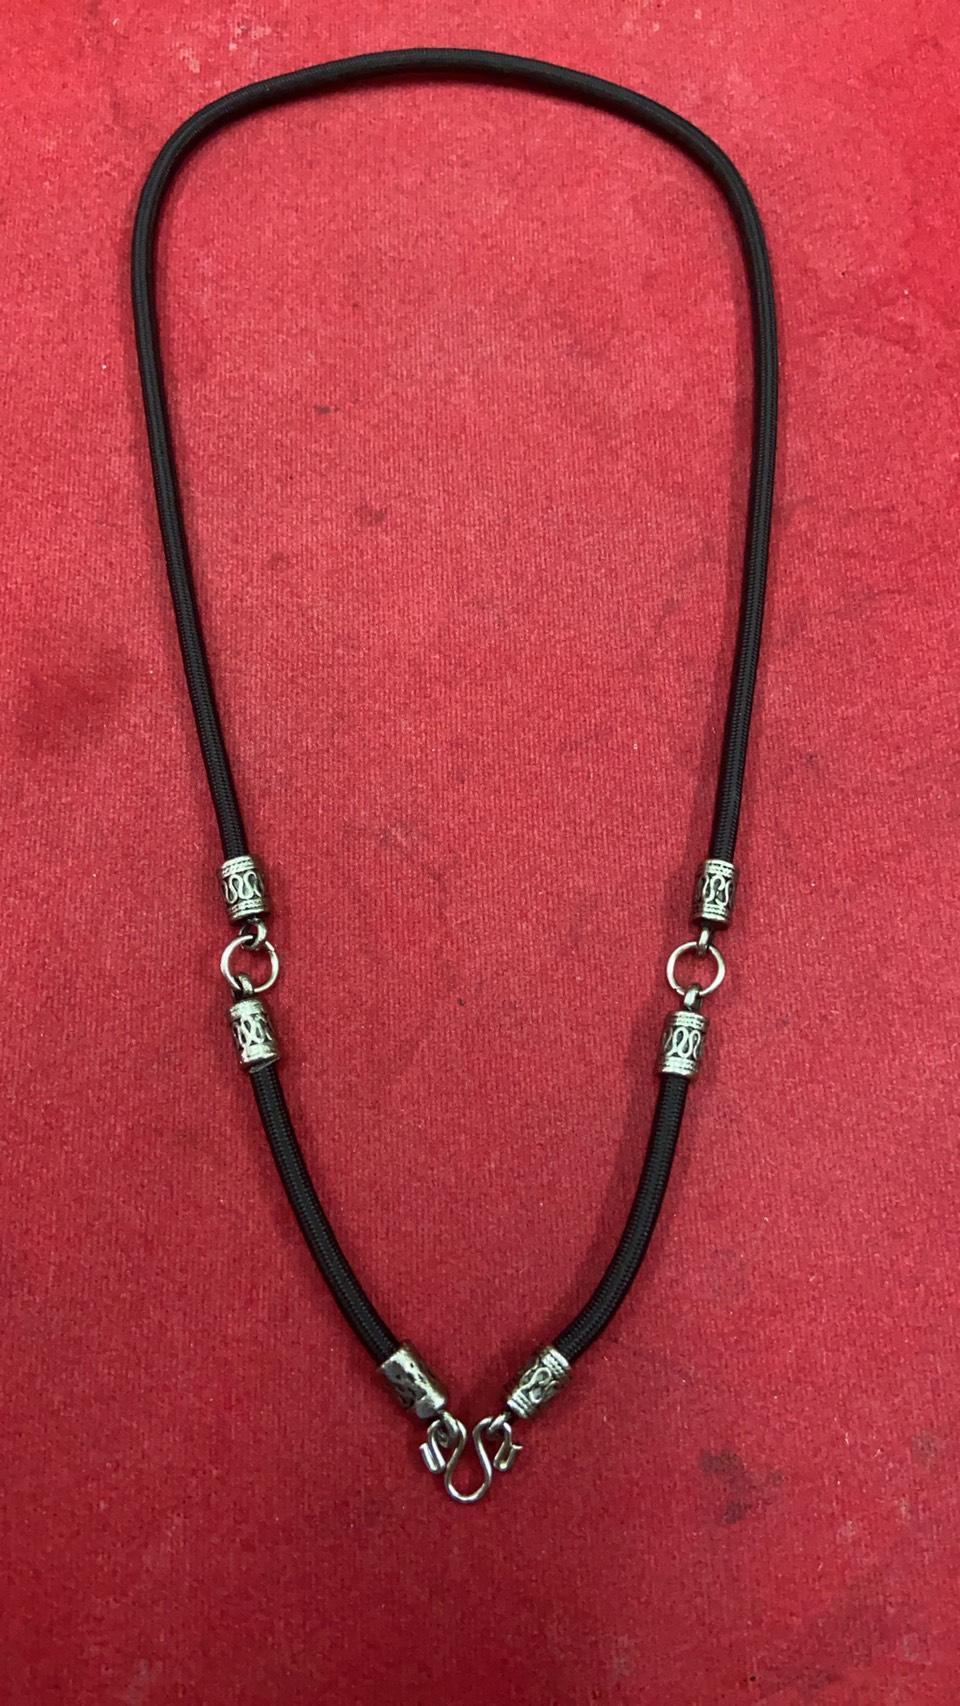 สร้อยเชือกไนล่อน ห้อยพระ 3 องค์  Nylon rope neckless อุปกรณ์ ยาว 24 นิ้ว